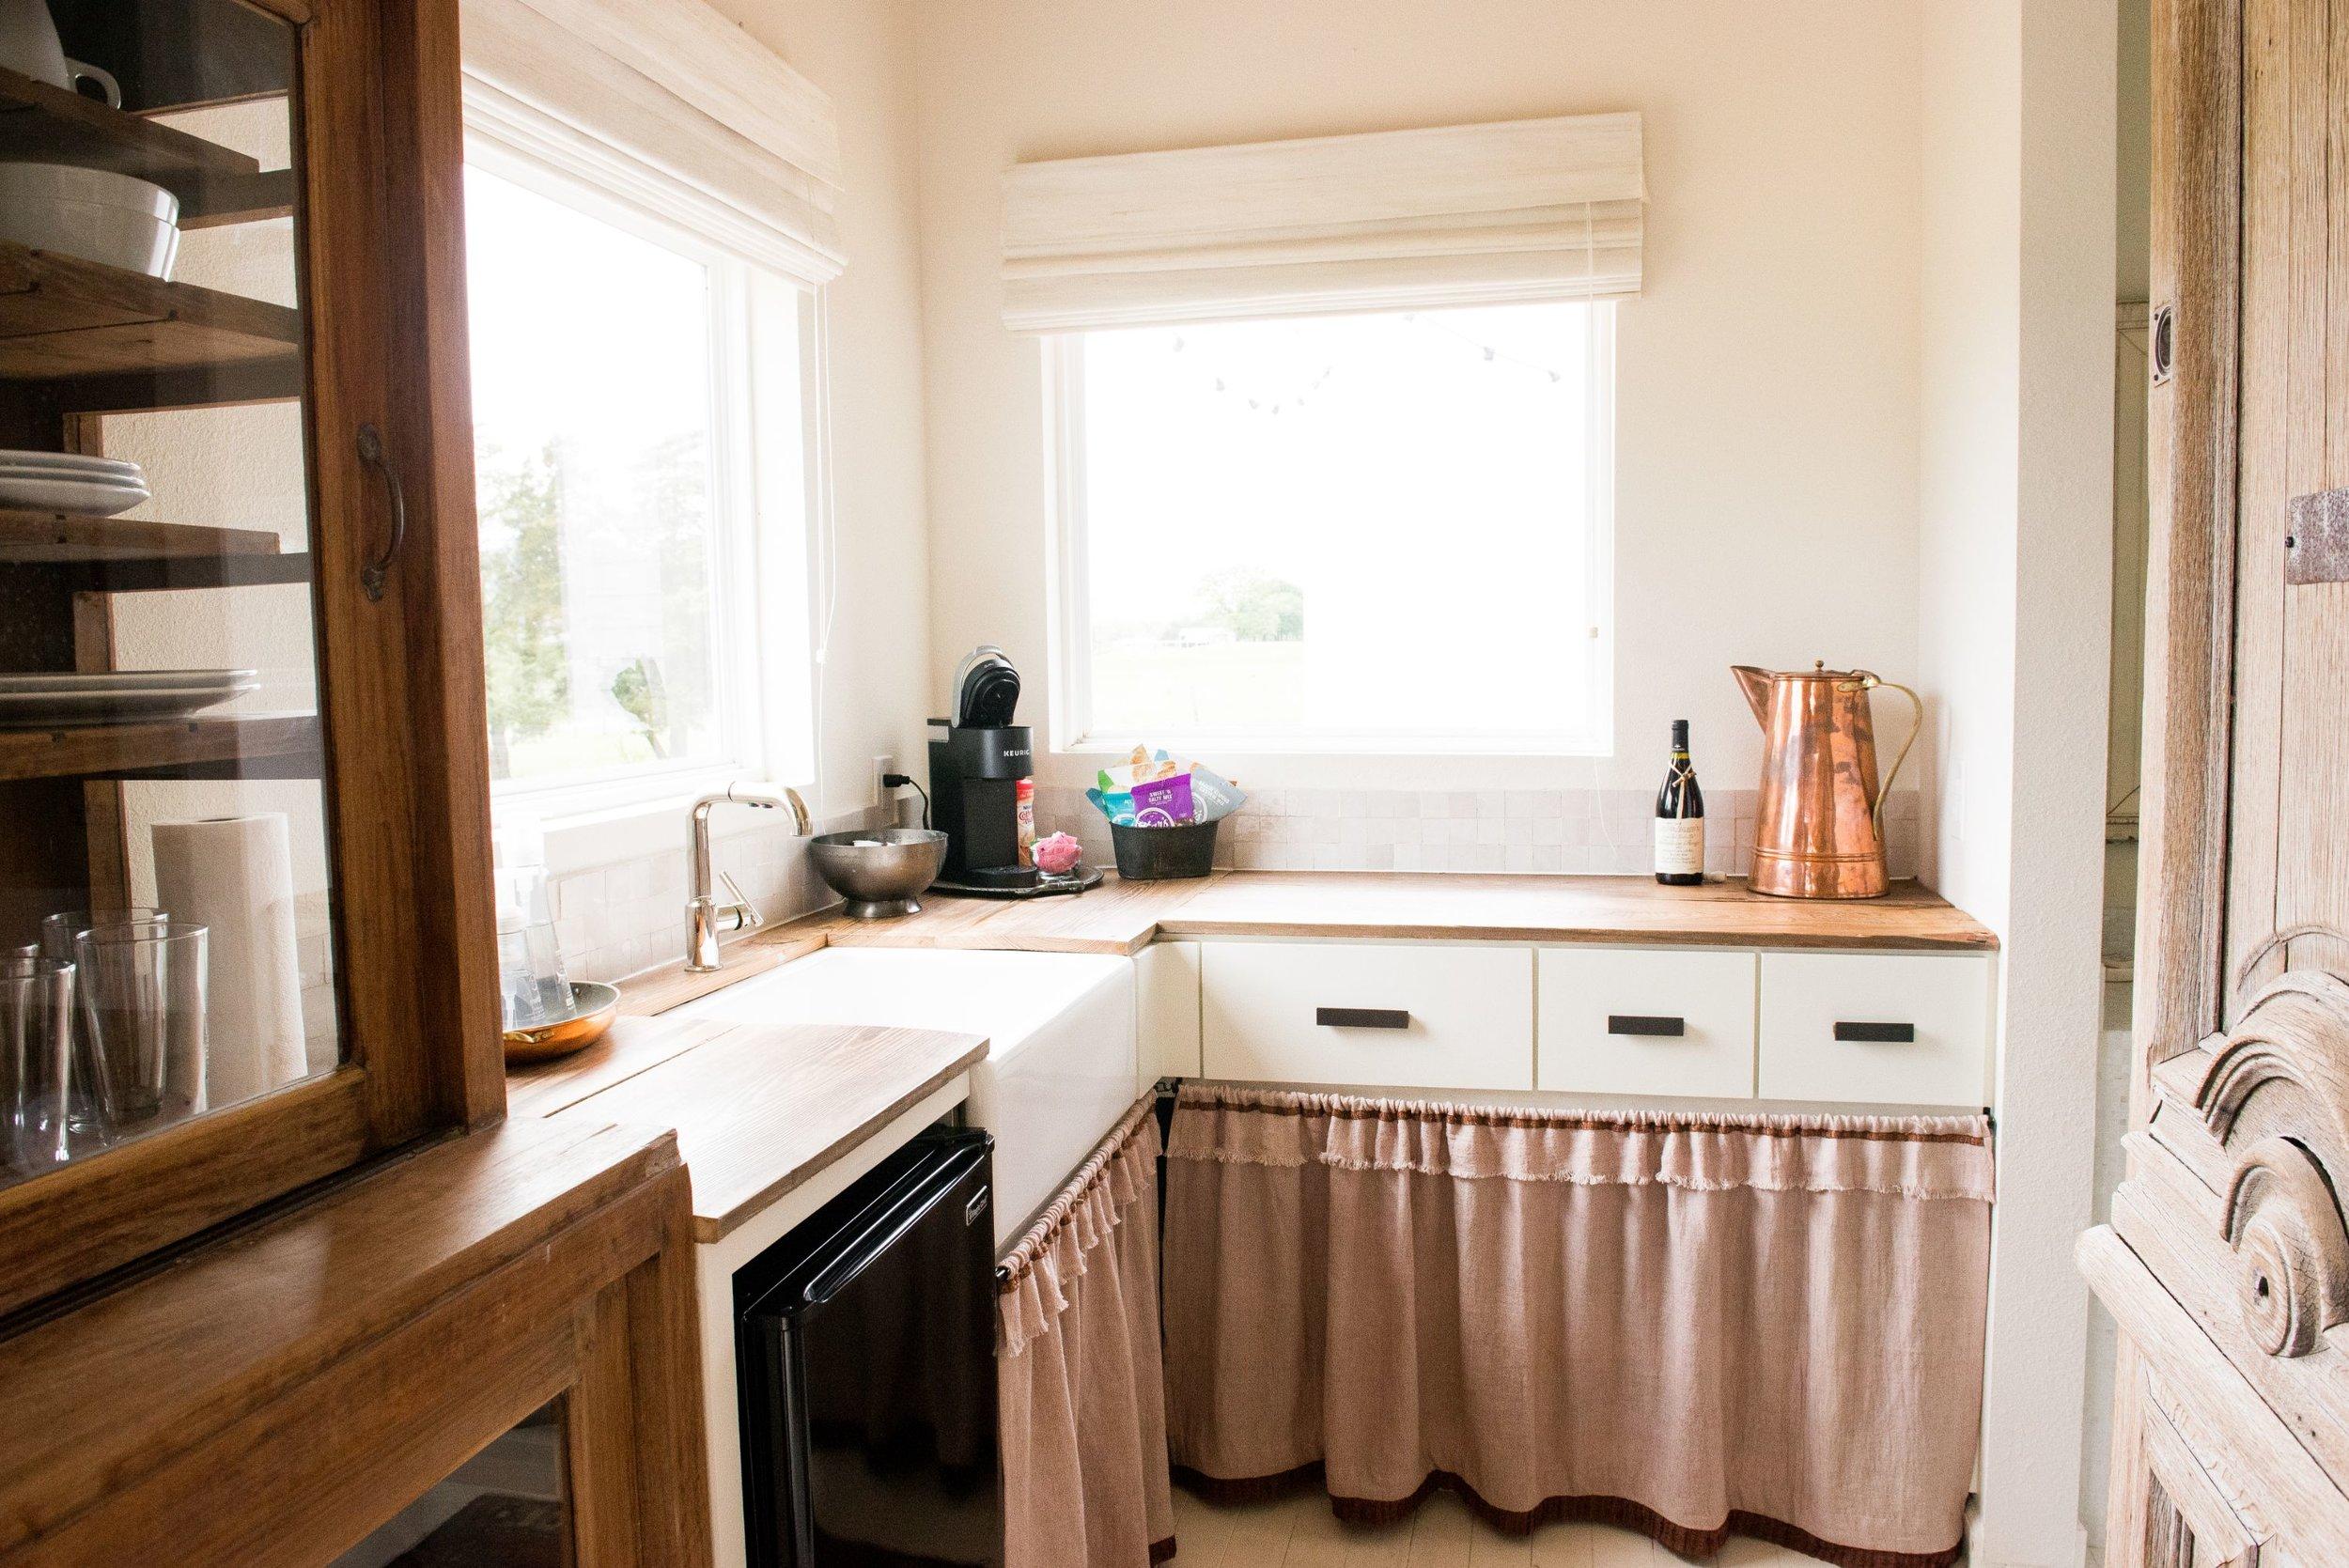 42_RVT_Cottages_033119.jpg